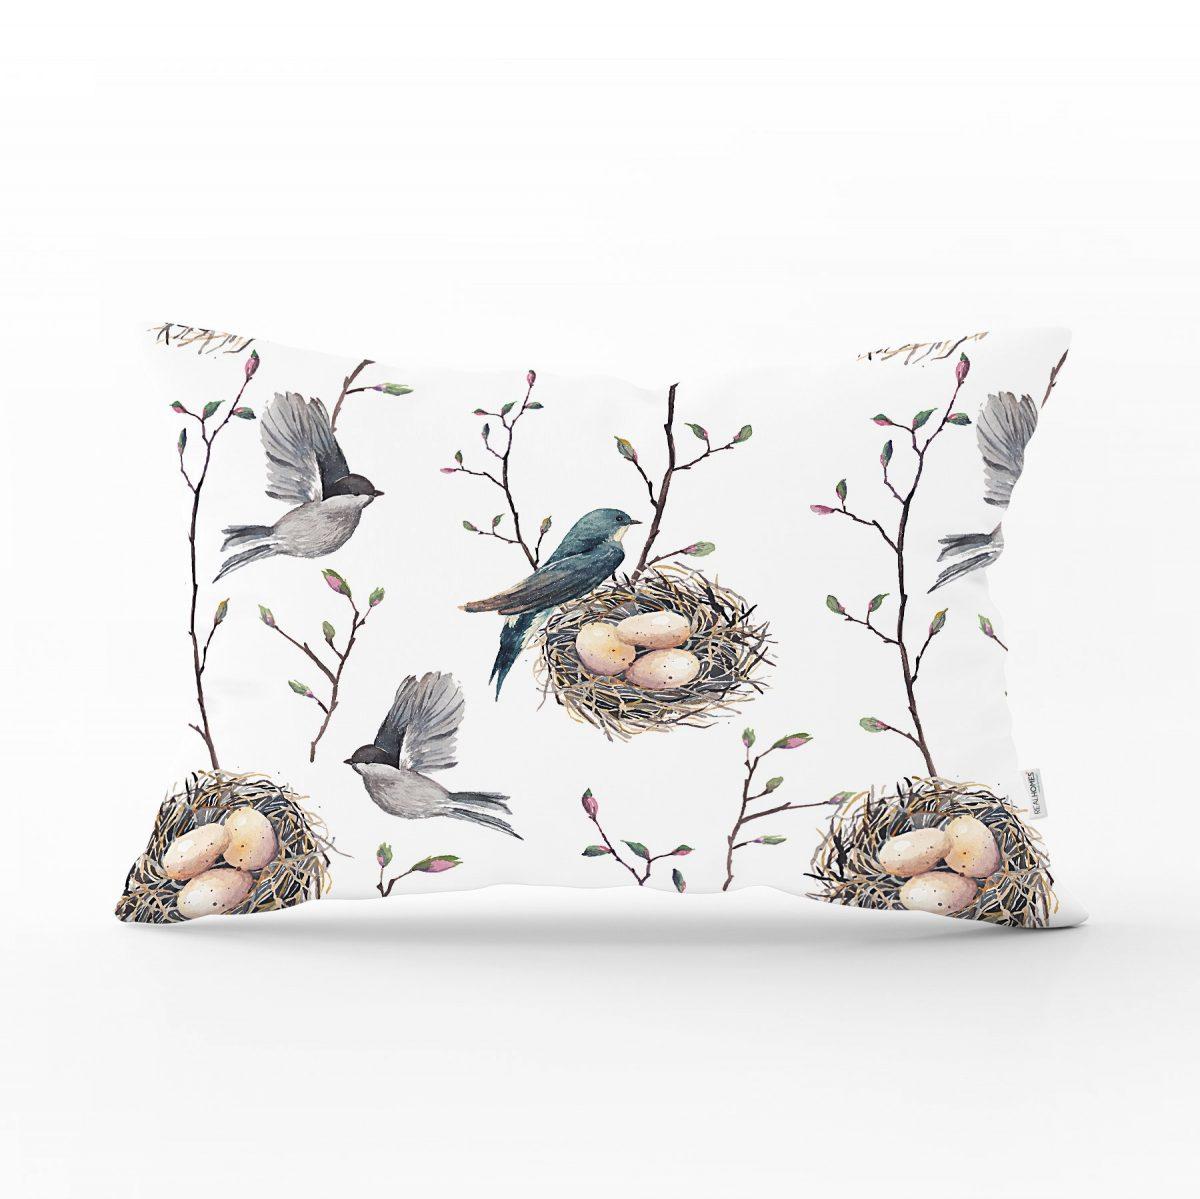 Kuşlar ve Dal Desenli Dekoratif Dikdörtgen Yastık Kırlent Kılıfı Realhomes